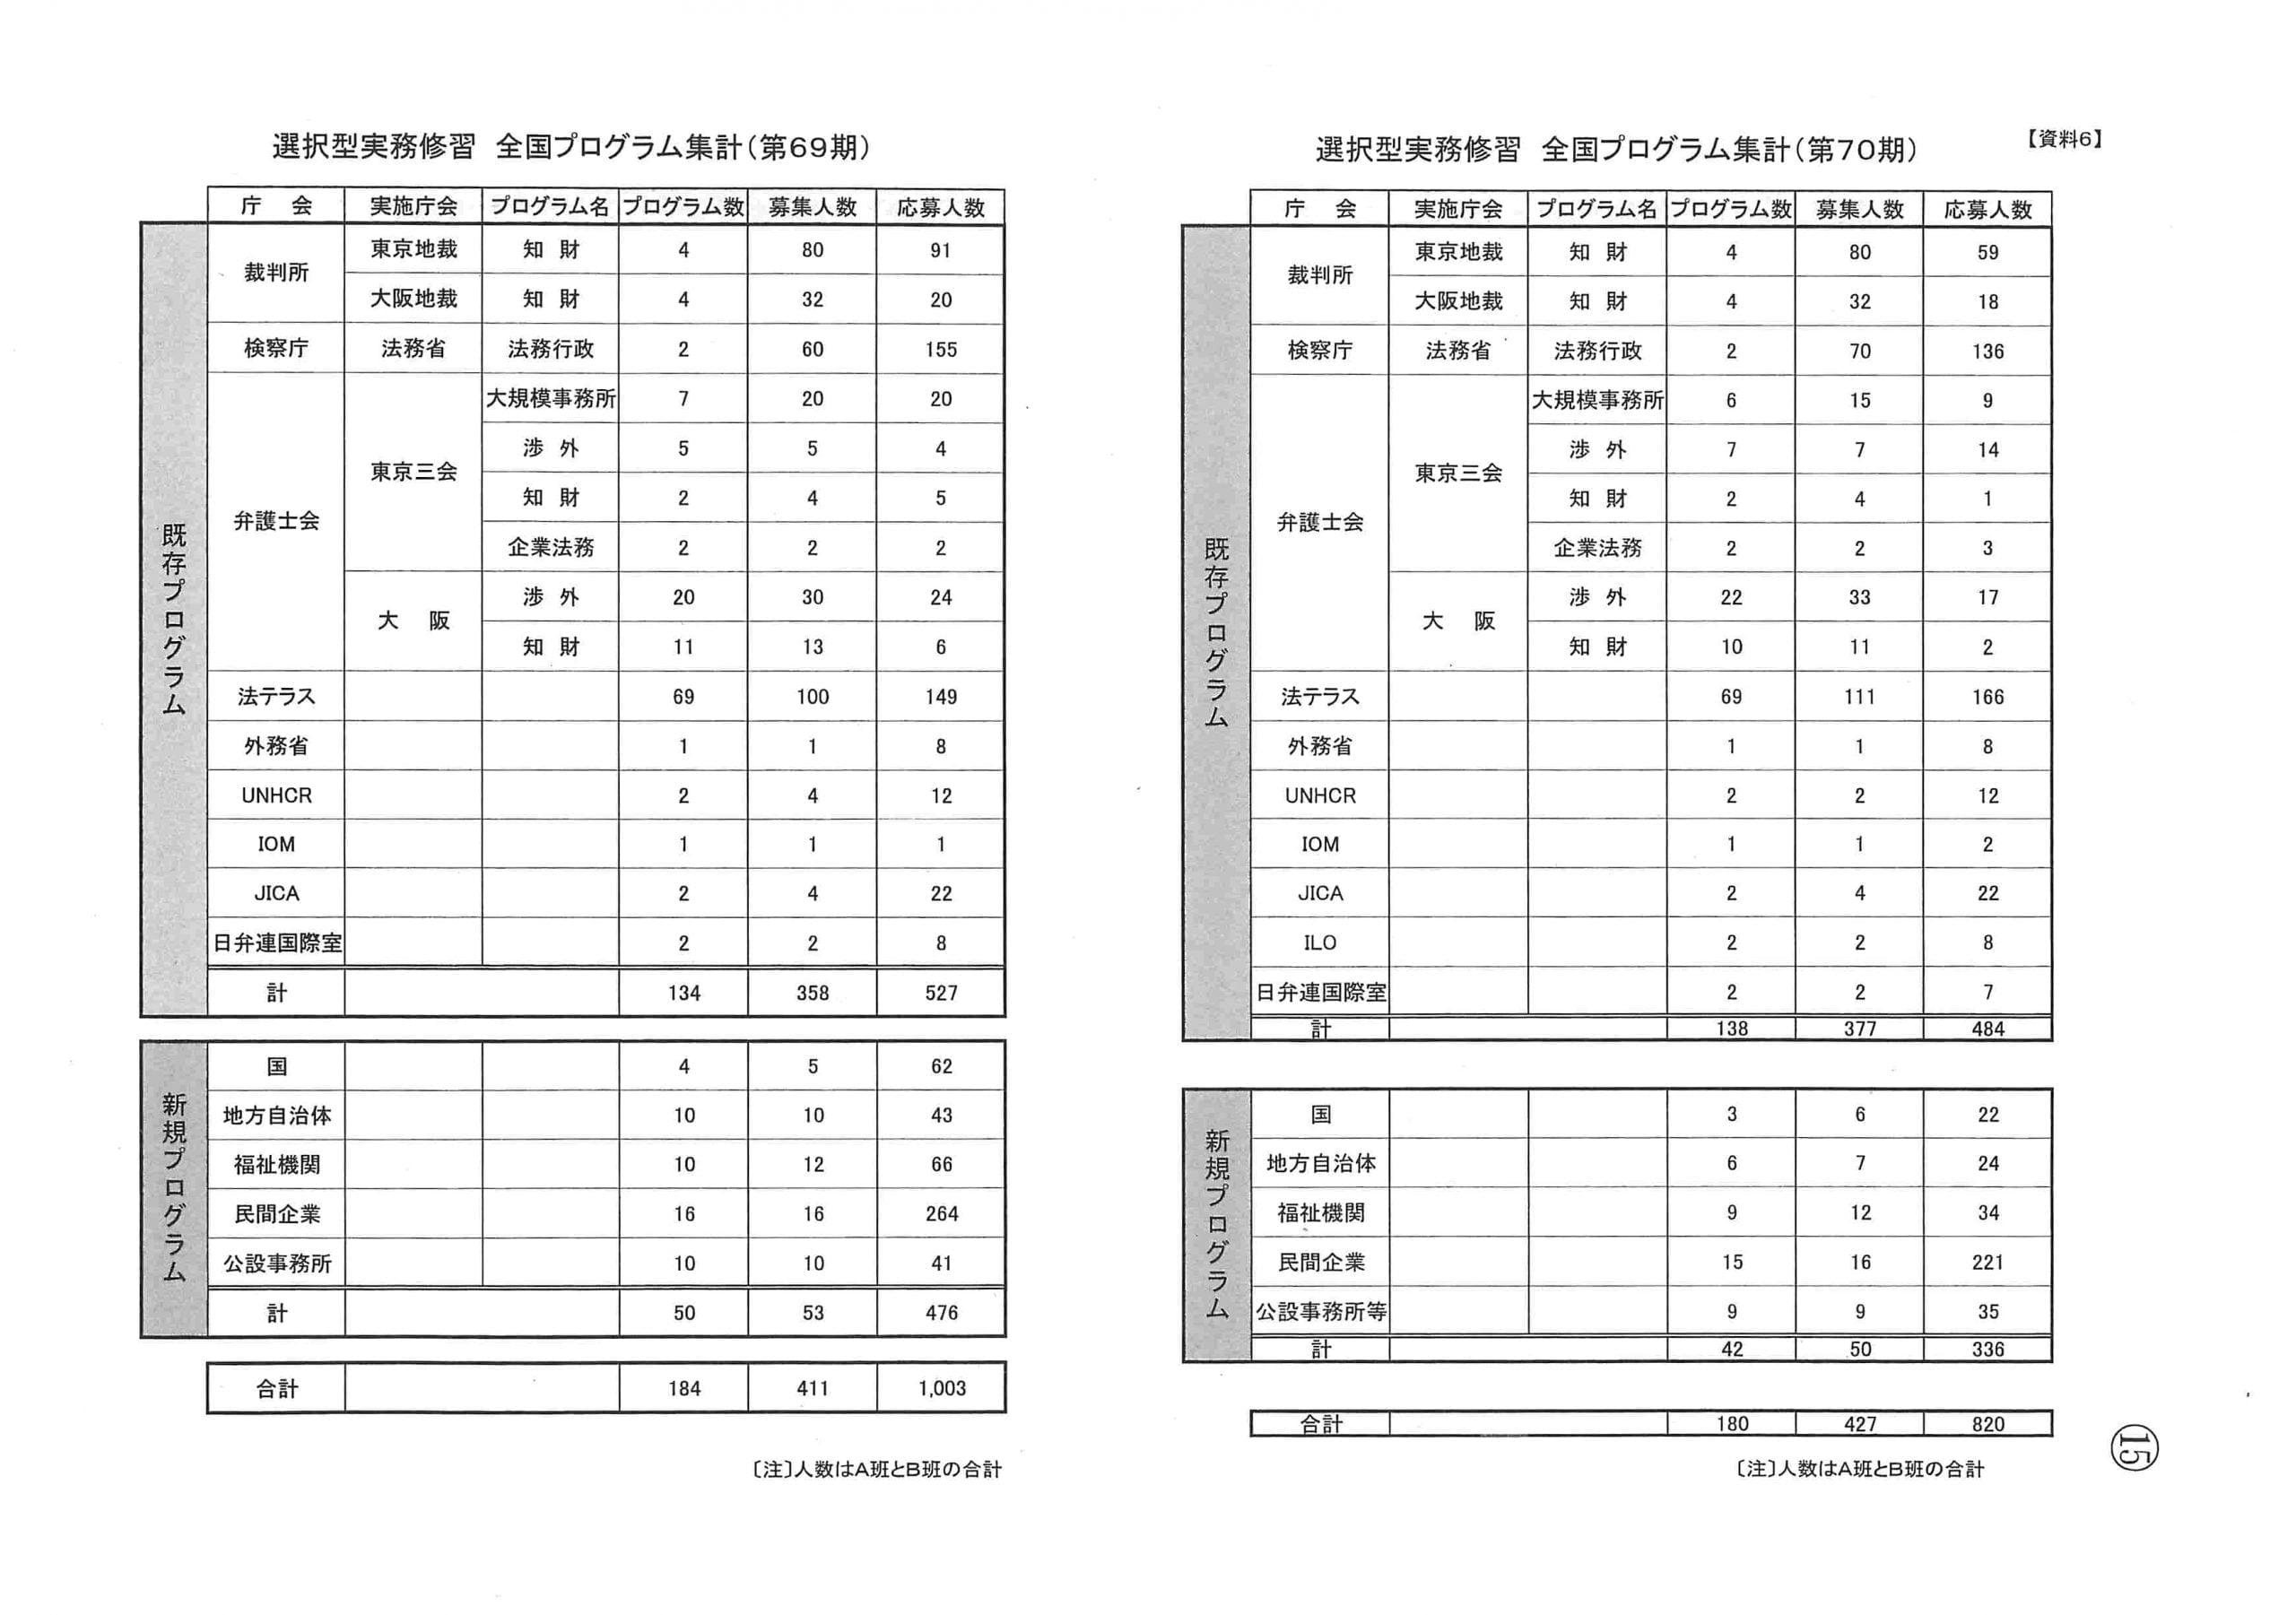 選択型実務修習 全国プログラム集計(第69期及び第70期)